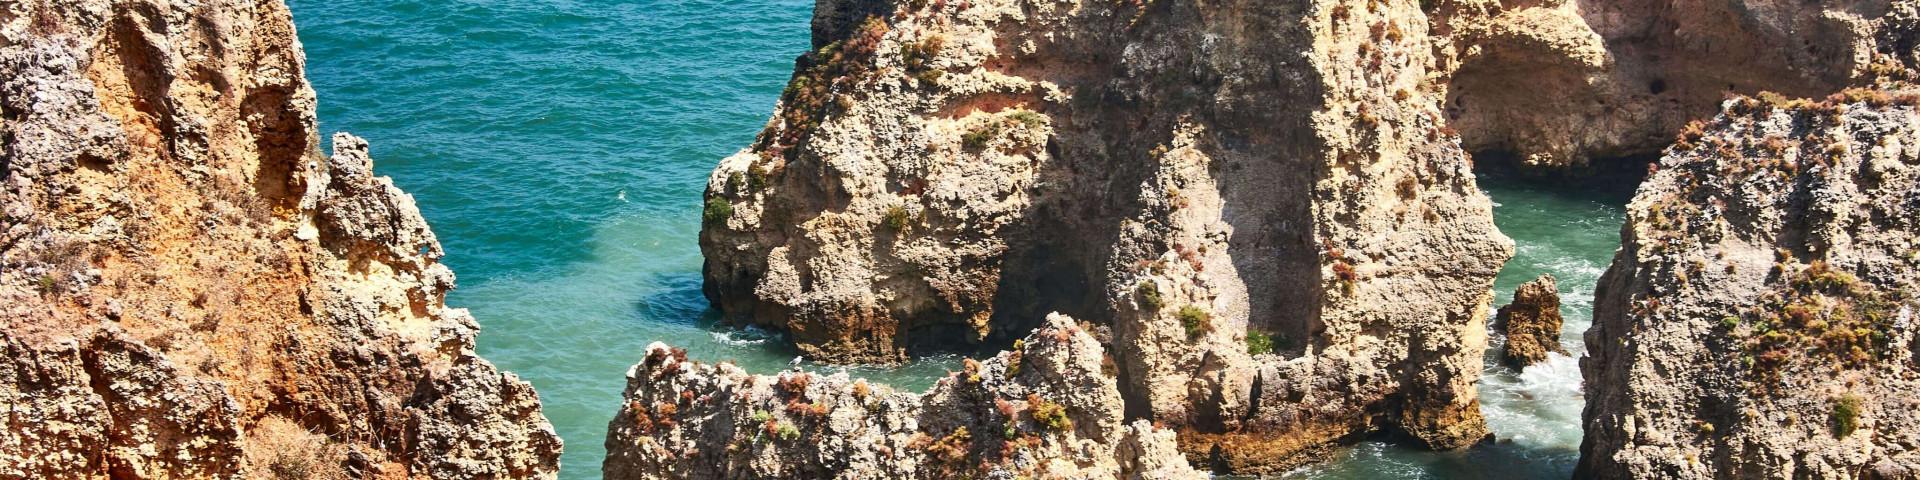 Punta da Piedade, Portugal